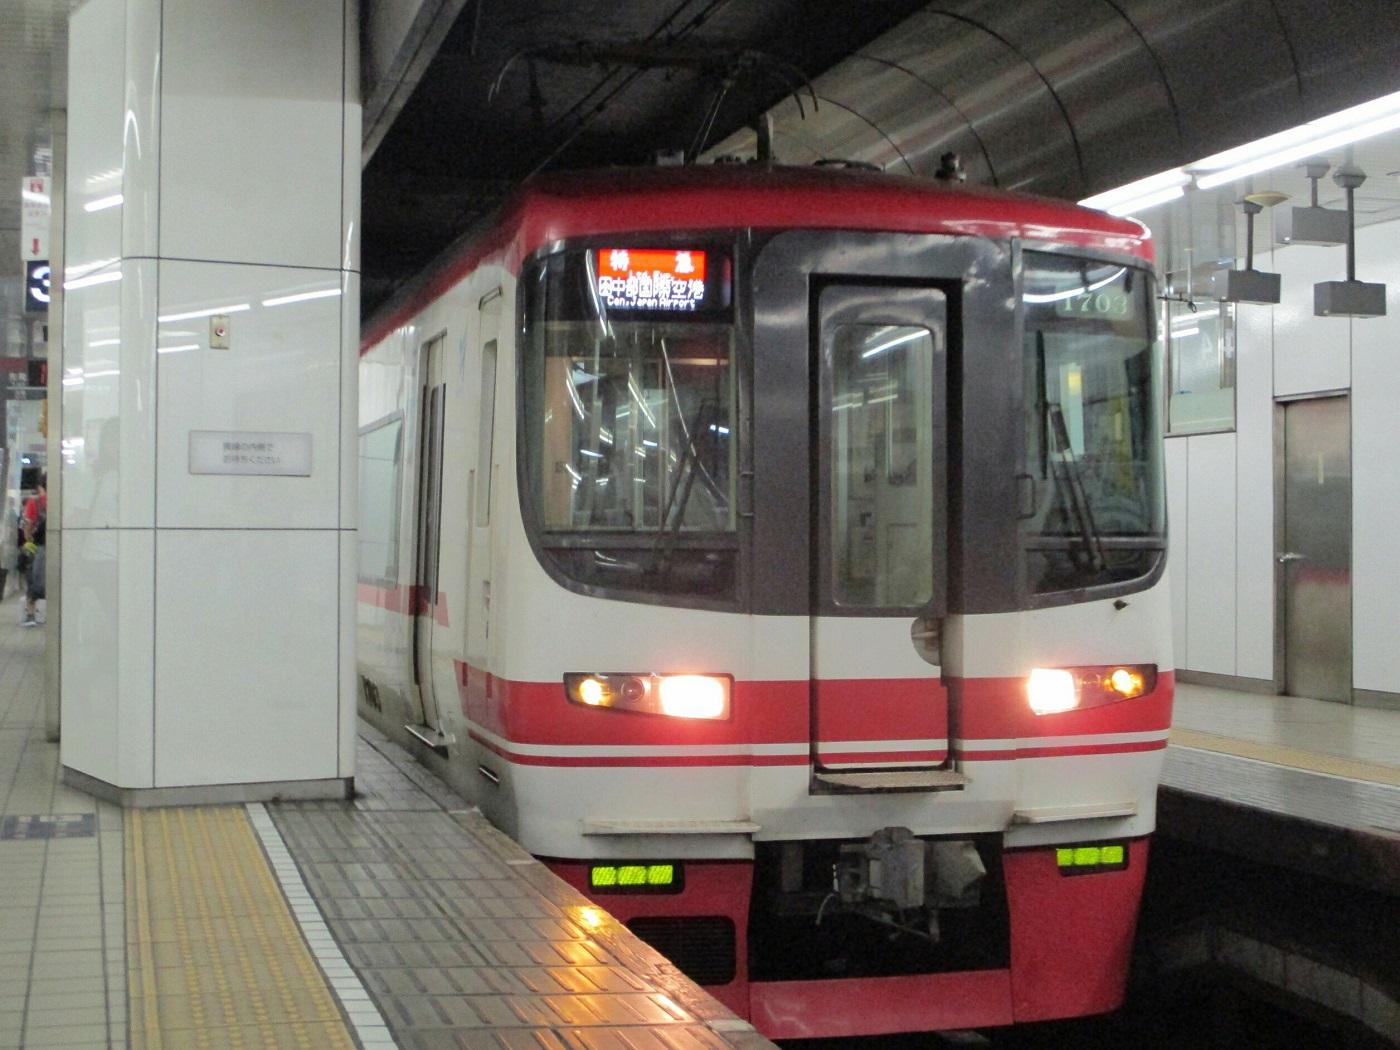 2018.8.25 (20) 名古屋 - セントレアいき特急 1400-1050